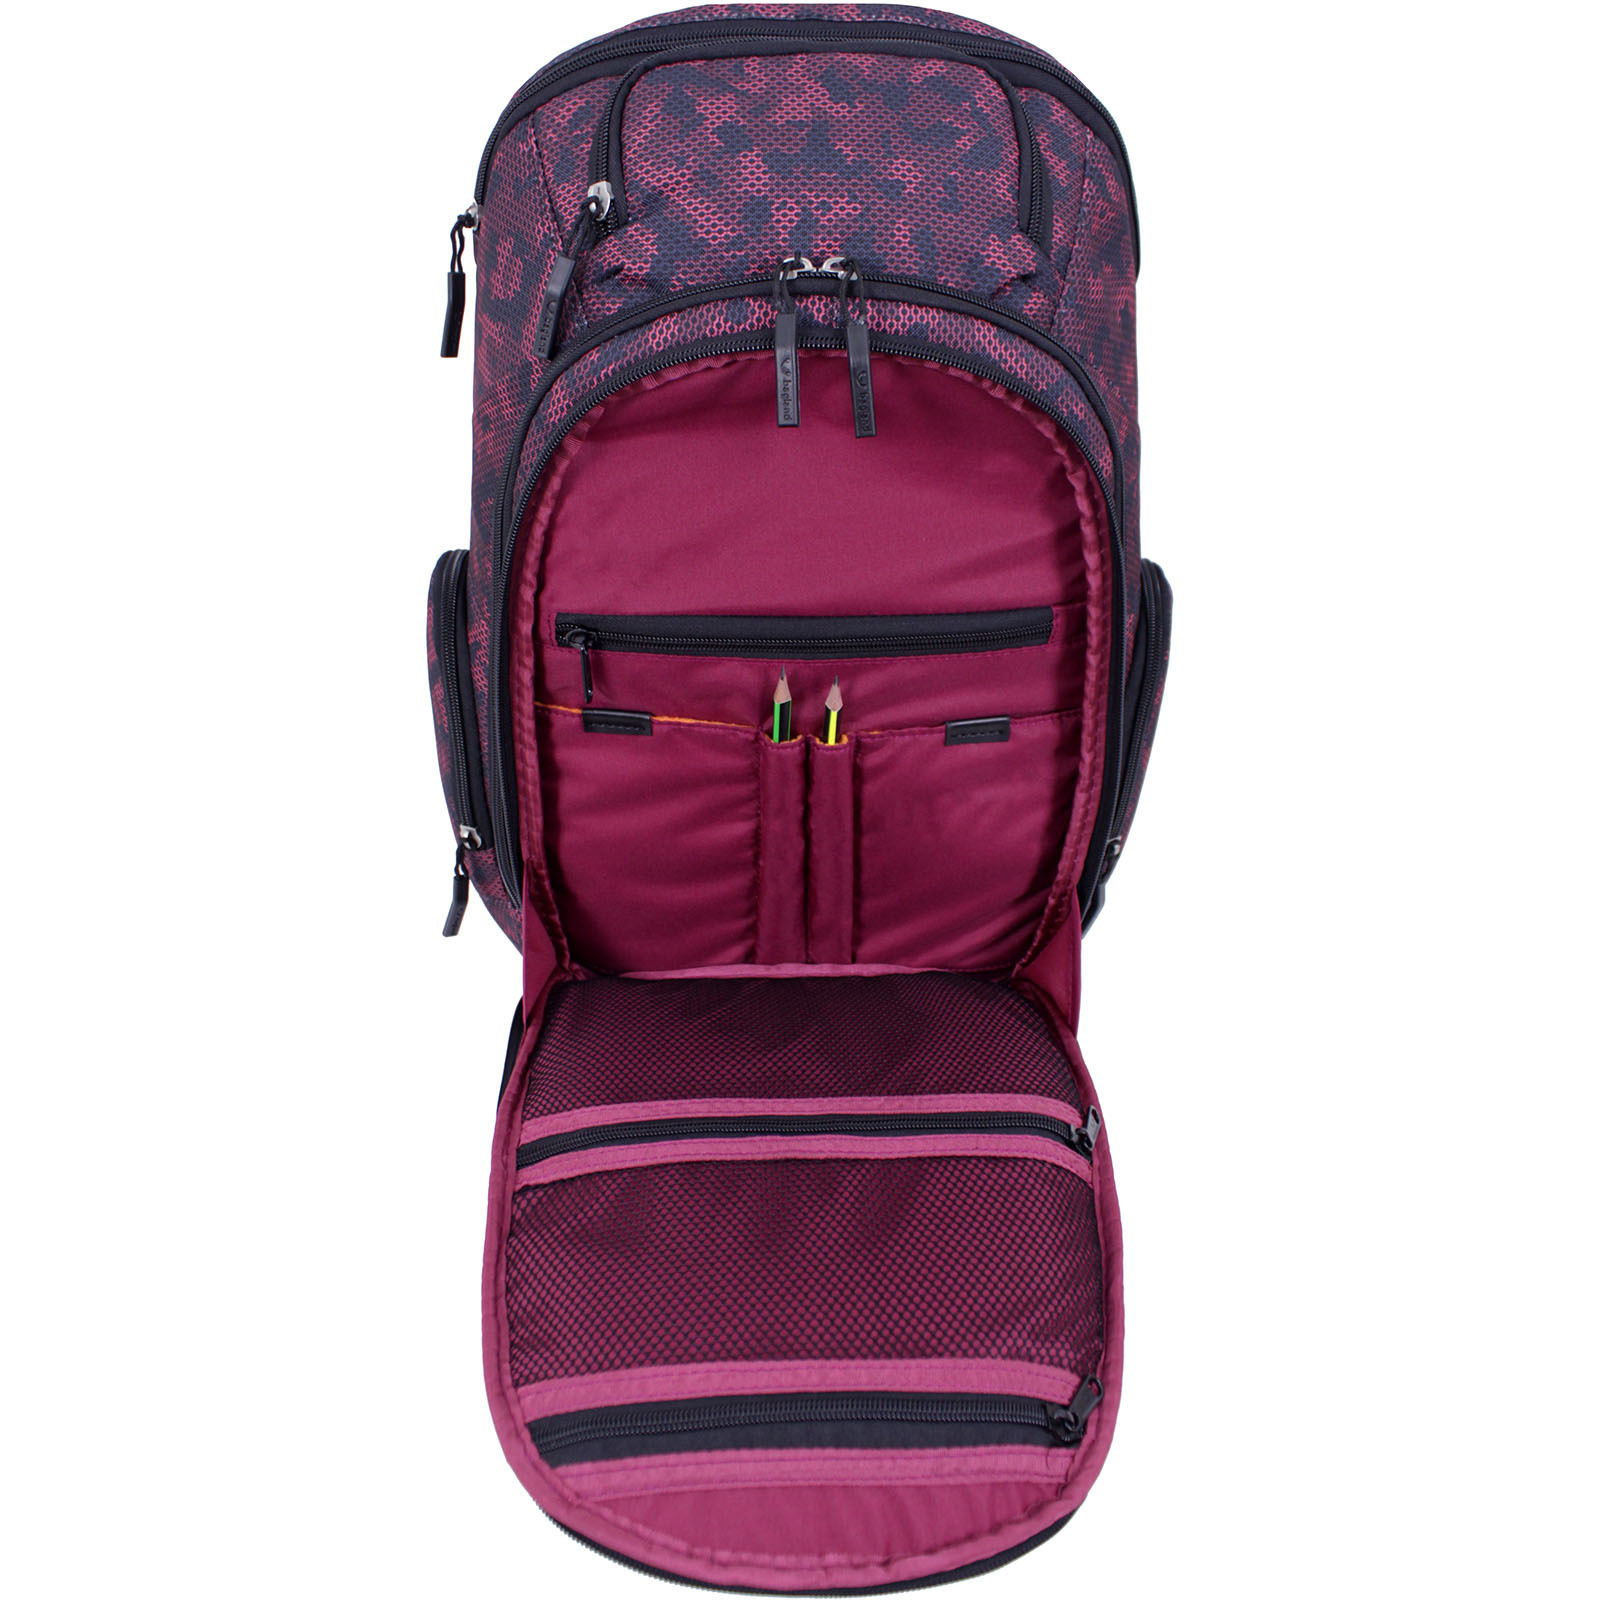 Рюкзак для ноутбука Bagland Tibo 23 л. 466 (00190664) фото 4